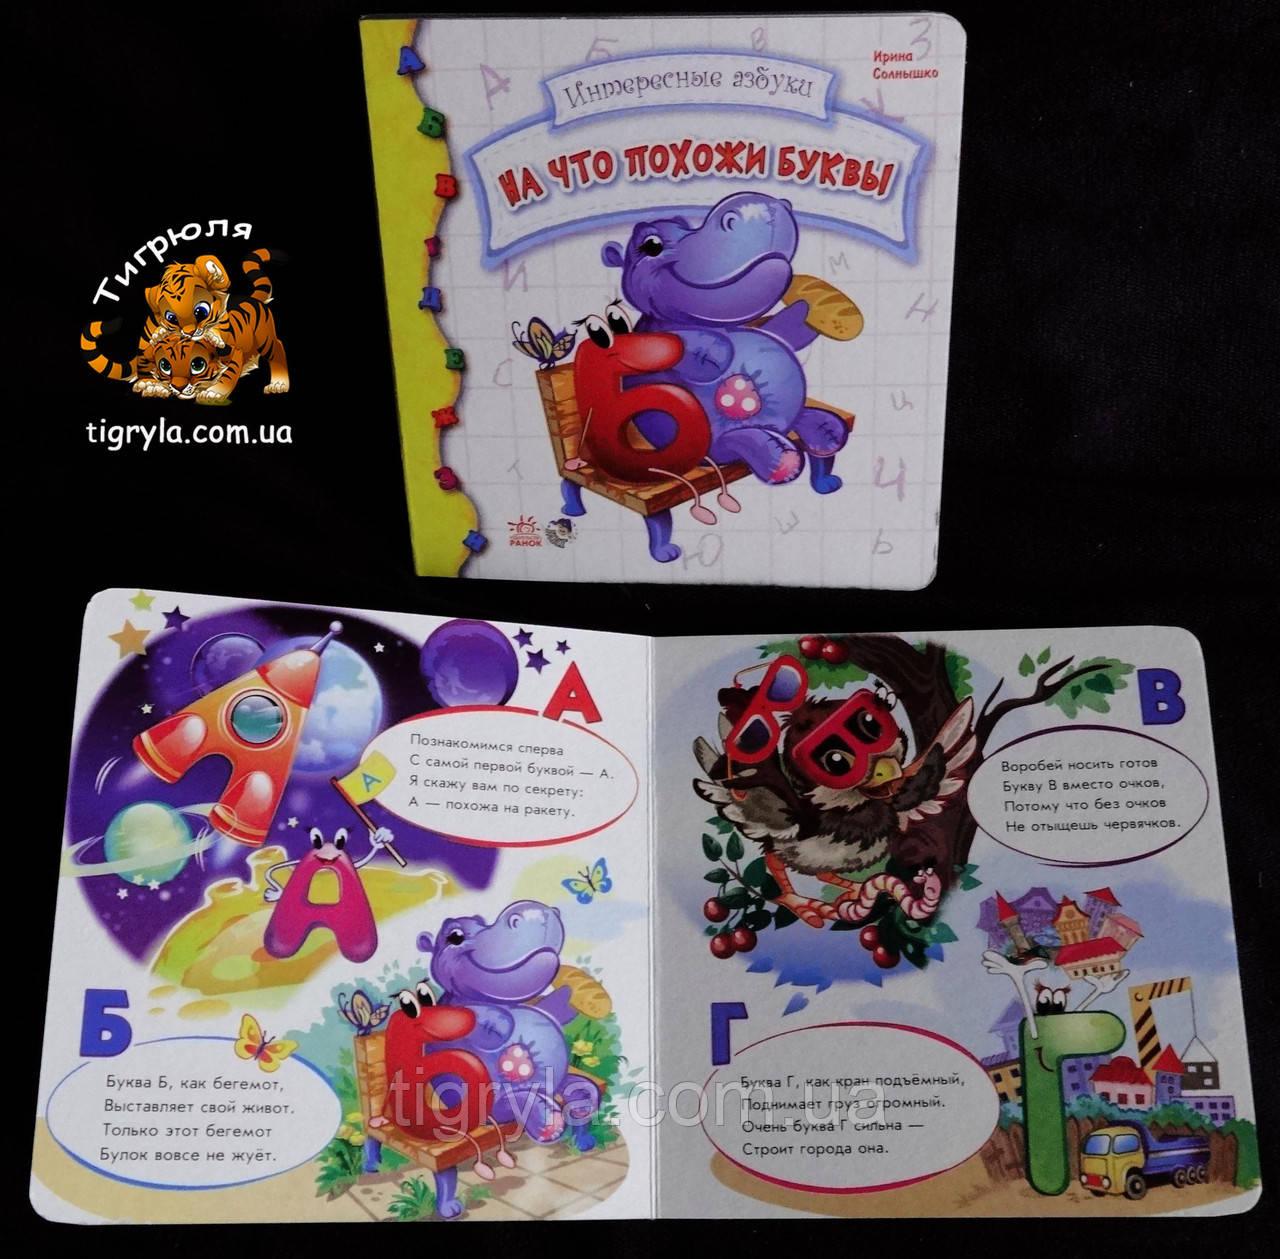 Книга детская Азбука - на что похожи буквы